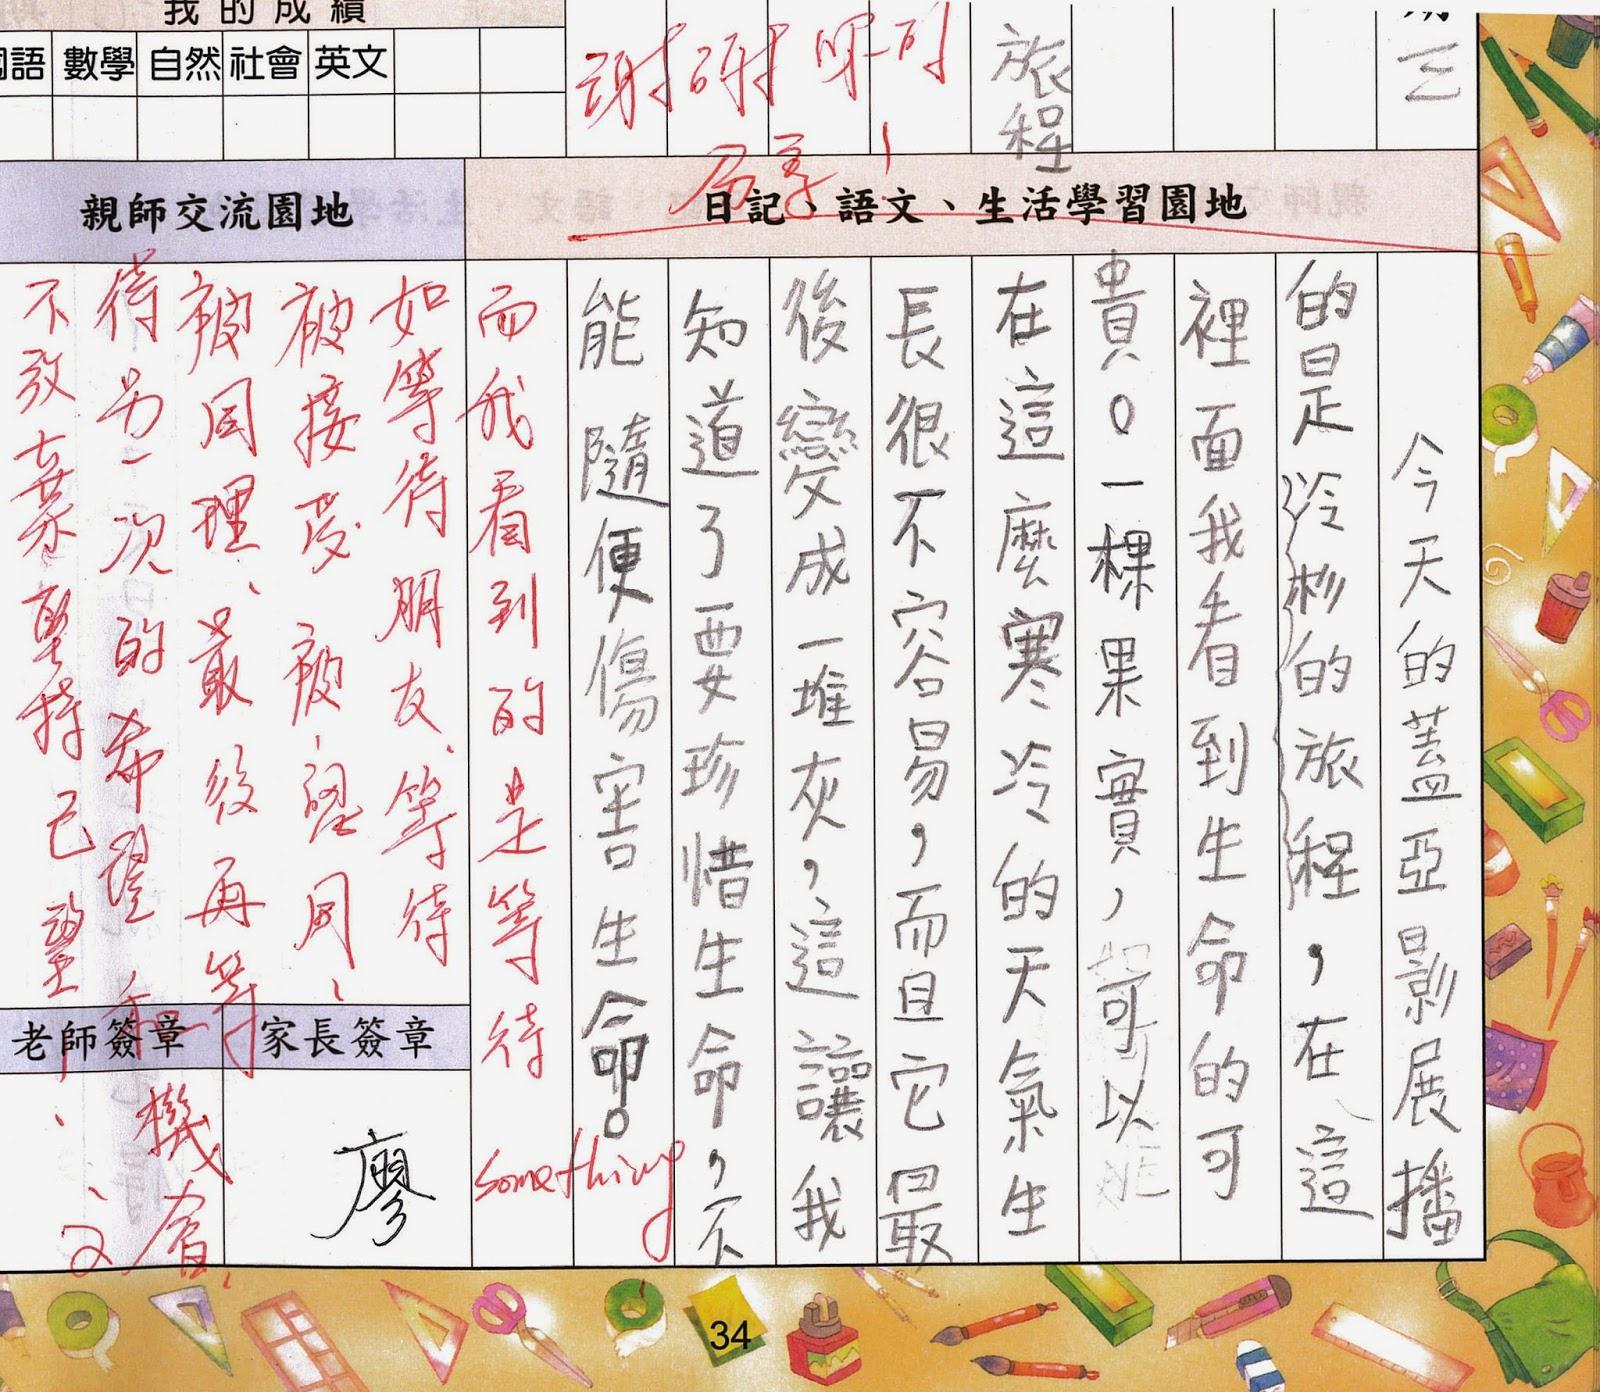 國小暑假日記範本|日記 - 愛淘生活